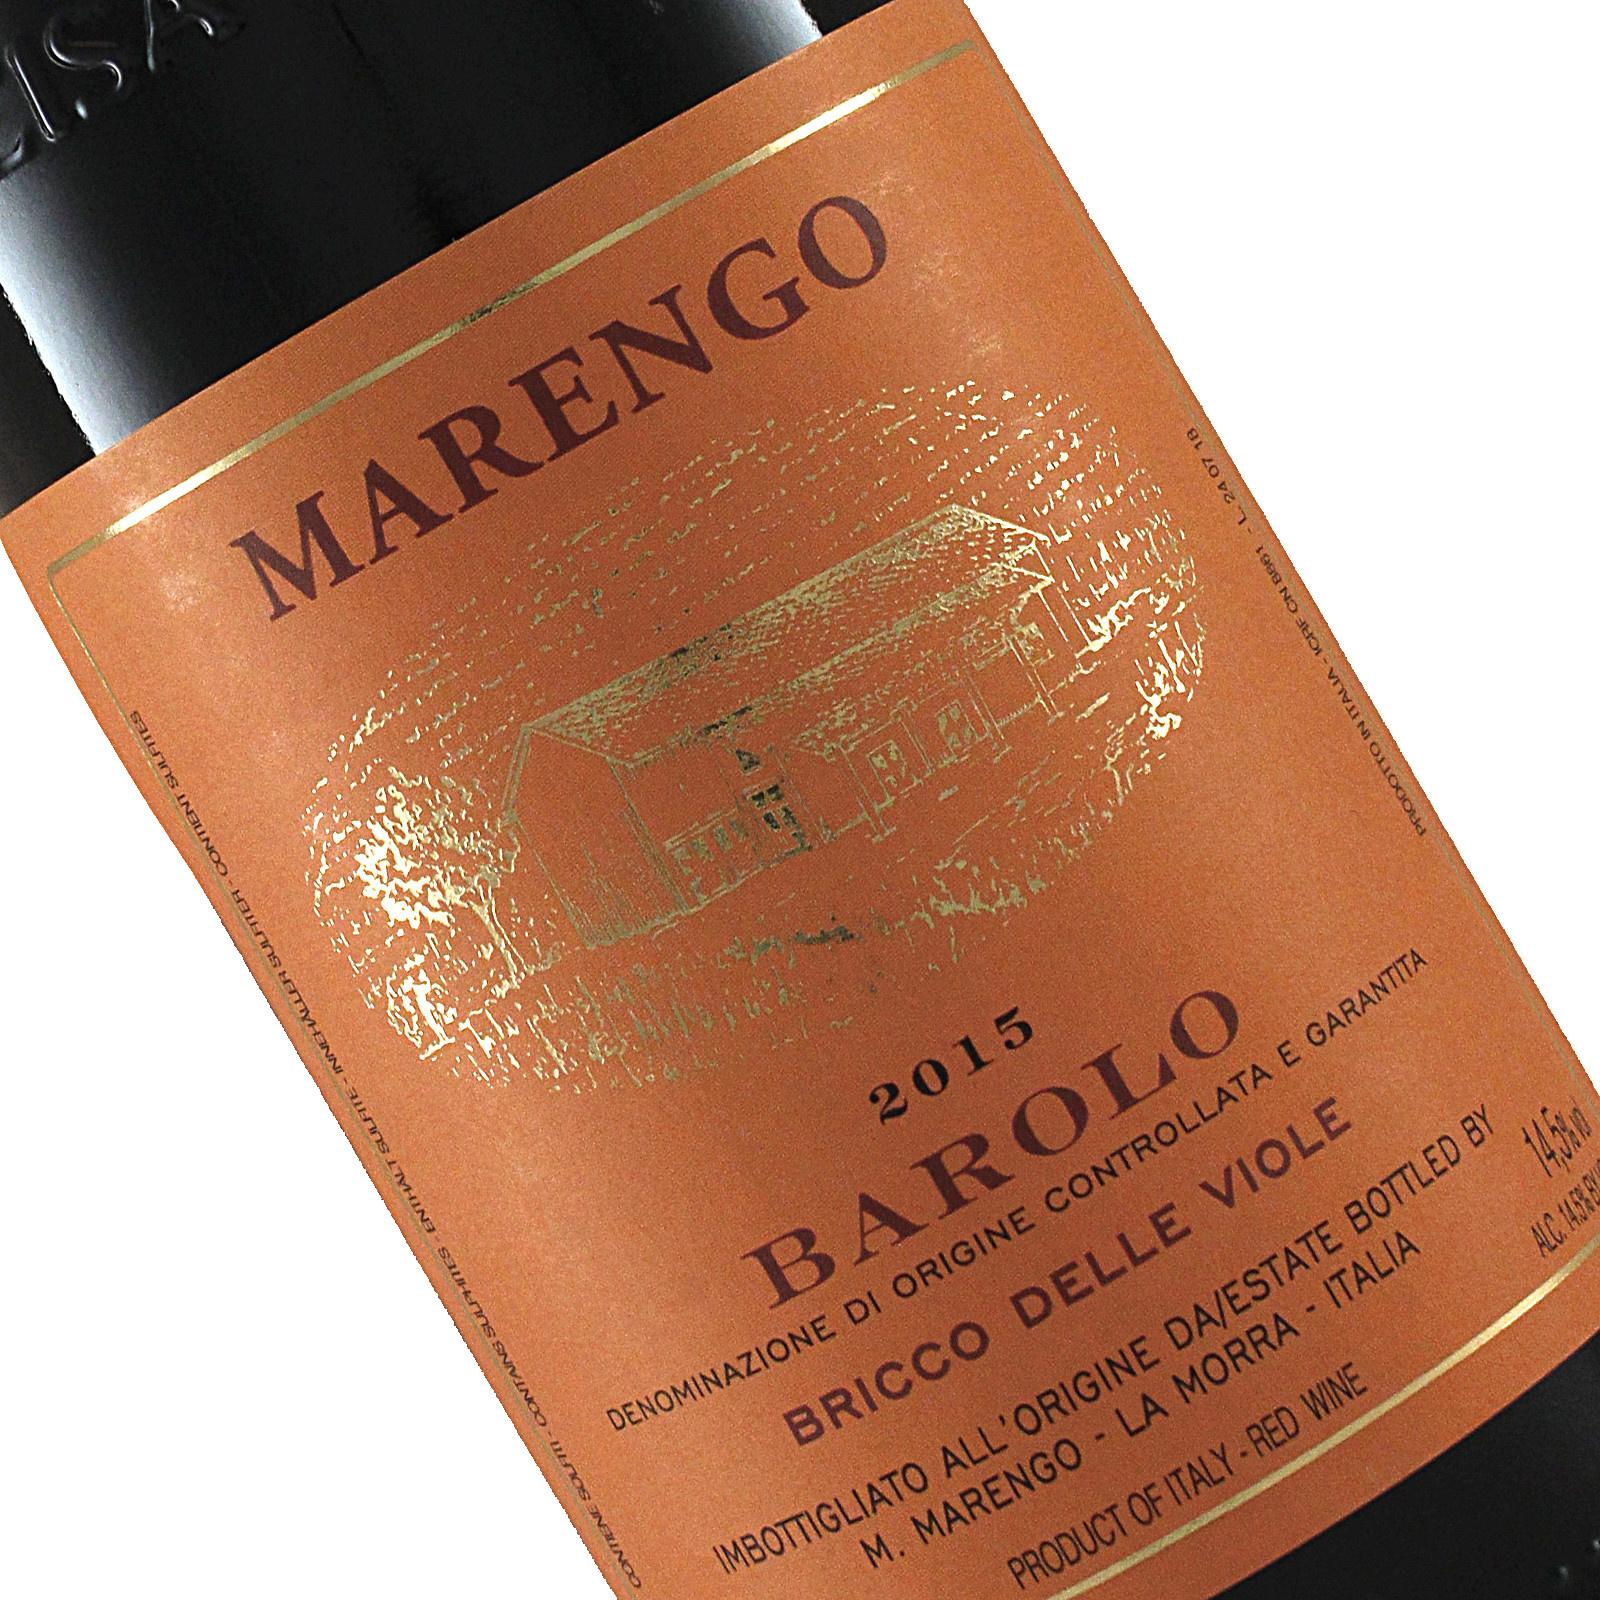 M. Marengo 2015 Barolo Bricco delle Viole, Piedmont